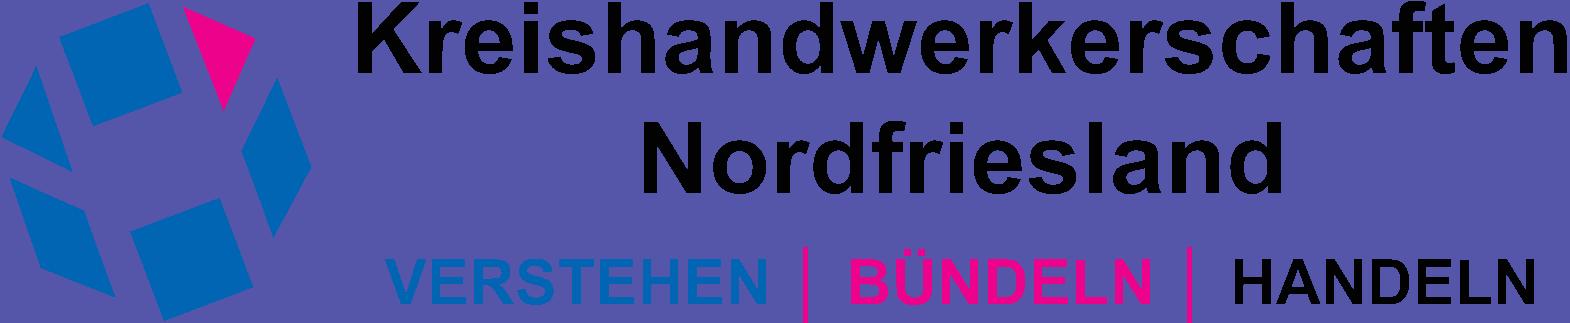 Logo Kreishandwerkerschaft Nordfriesland